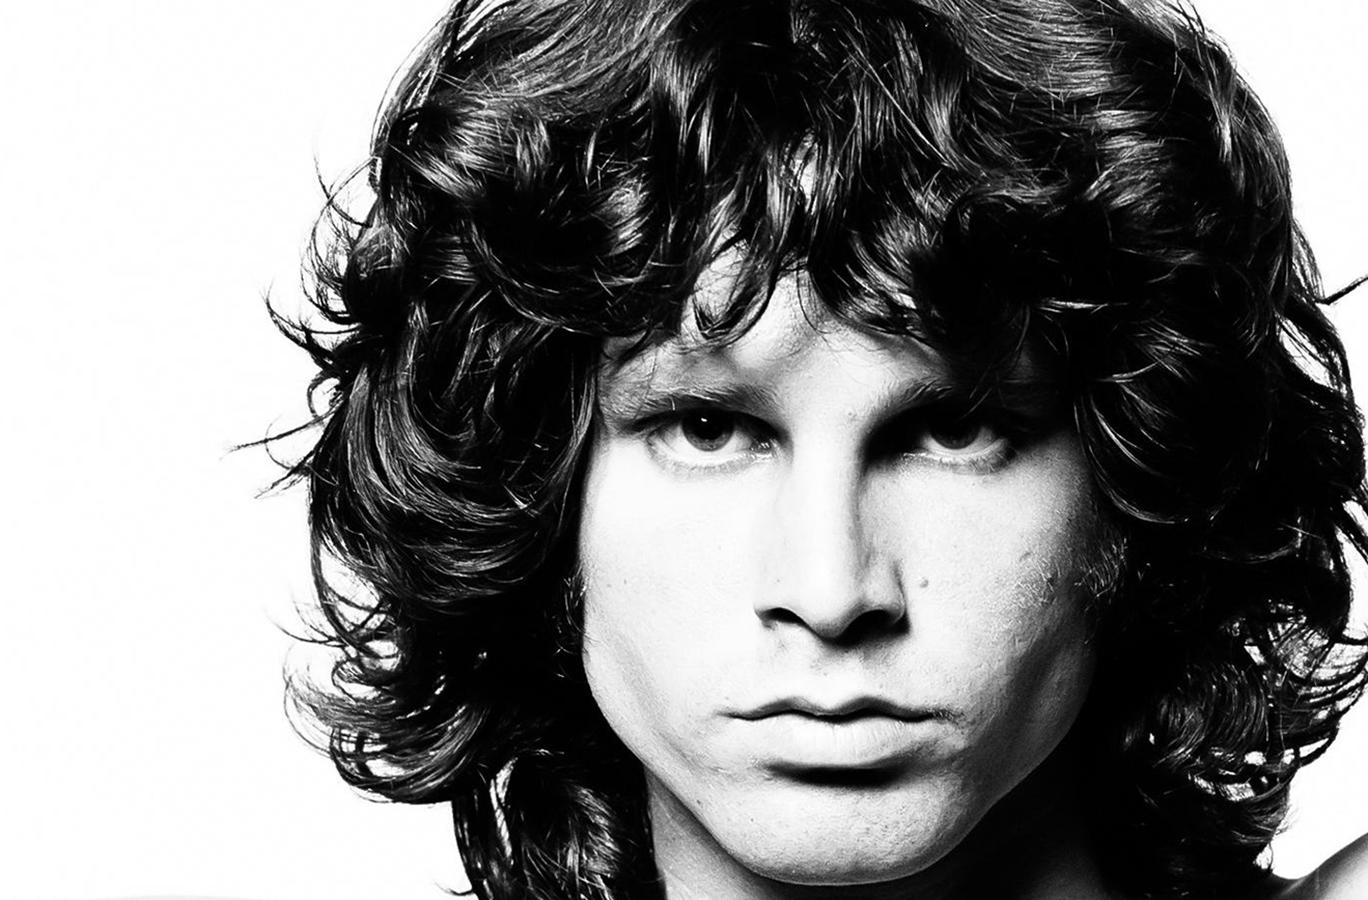 بیوگرافی جیم موریسون خواننده، شاعر و ترانه نویس گروه Doors